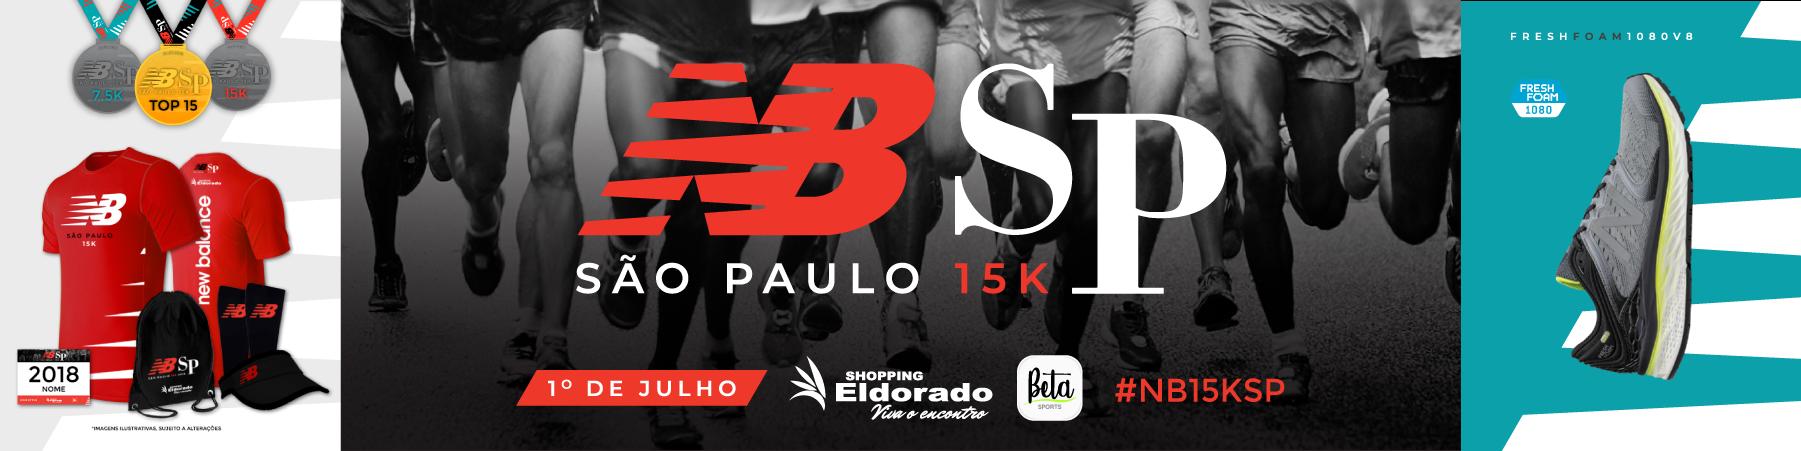 NEW BALANCE SÃO PAULO 15K 2018 - Imagem de topo